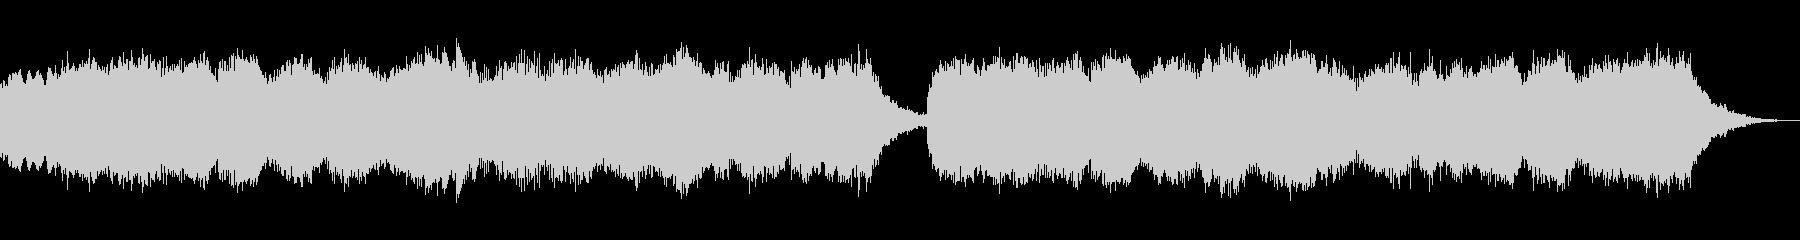 テーマ「誇り」30秒BGMの未再生の波形